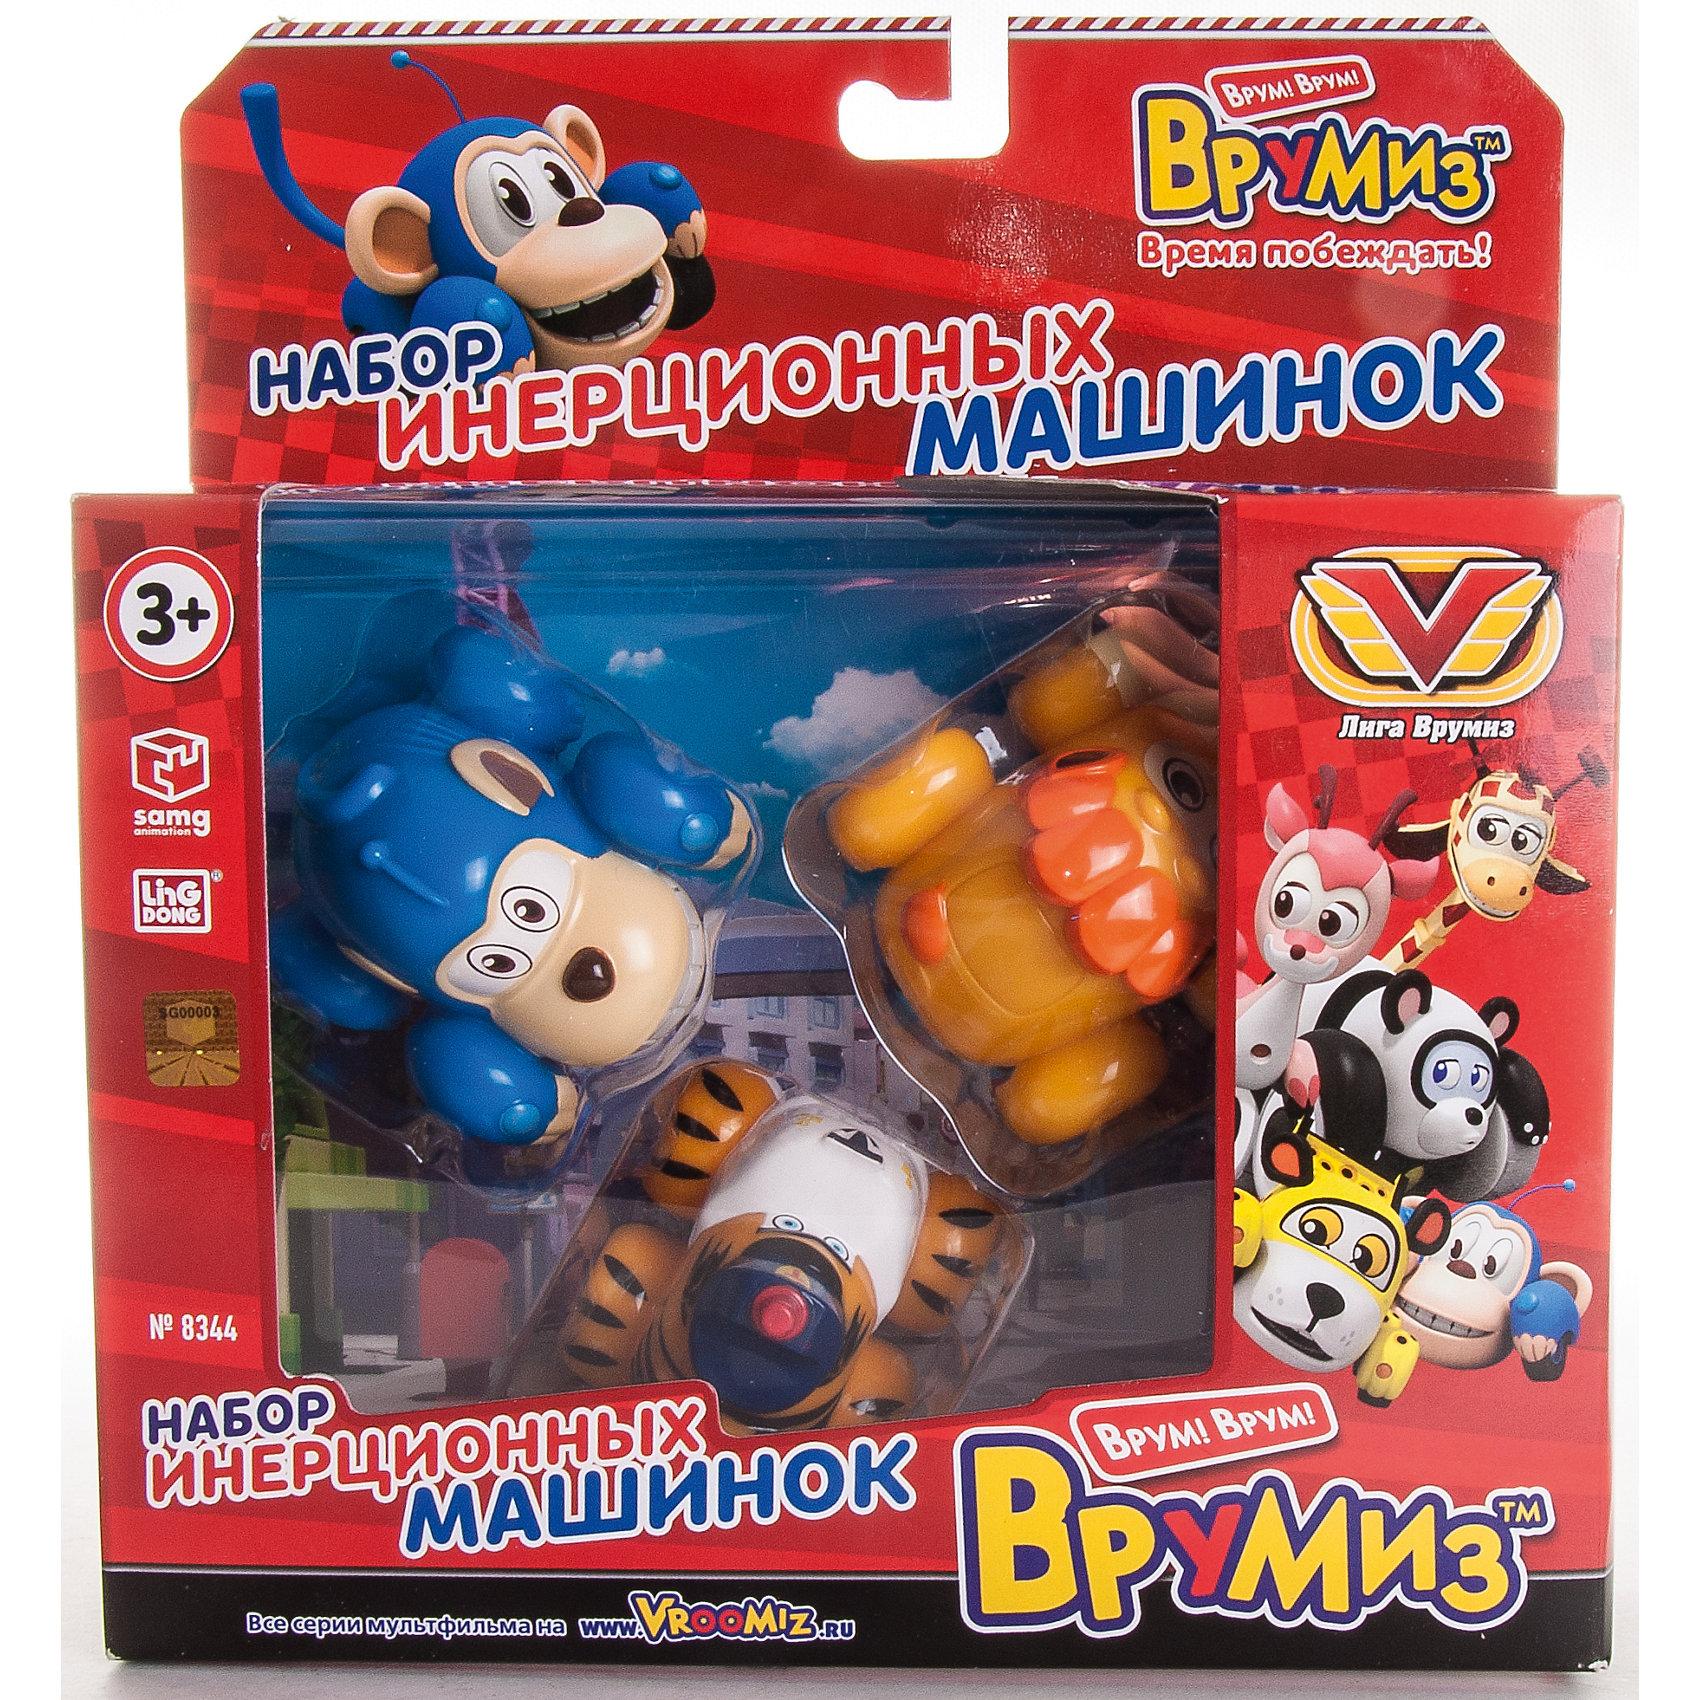 Набор инерционных машинок Банги, Лайонел, Мак Тигр, ВрумизИгровые наборы<br>Набор инерционных машинок Банги, Лайонел, Мак Тигр, Врумиз, станет отличным подарком для самых маленьких автолюбителей. Игрушки выполнены в виде популярных героев мультсериала Врумиз (Vroomiz) - обезьянки Банги, льва Лайонела и Мак Тигра. В необычном городе Зиппи Сити живут удивительные машинки-зверюшки, каждый день они попадают в различные забавные, а иногда и опасные ситуации, но благодаря своей дружбе упорно преодолевают все трудности, встретившиеся на пути. У каждого персонажа свой характер и особенности: ловкий и быстрый Банги всегда готов прийти на помощь тем, кто оказался в беде; Лайонел гордый и сильный как настоящий лев; строгий, но справедливый Мак Тигр. - шеф полиции Зиппи Сити. Машинки отличаются высоким качеством исполнения и полностью воспроизводят внешний вид своих персонажей. Каждая игрушка оснащена инерционным механизмом, если слегка откатить ее назад и отпустить, она устремится вперед.<br><br>Дополнительная информация:  <br><br>- В комплекте: 3 машинки (Банги, Лайонел, Мак Тигр).   <br>- Материал: пластик. <br>- Размер упаковки: 20,5 х 22,5 х 6 см.<br>- Вес: 0,25 кг.<br><br>Набор инерционных машинок Банги, Лайонел, Мак Тигр, Врумиз, можно купить в нашем интернет-магазине.<br><br>Ширина мм: 205<br>Глубина мм: 225<br>Высота мм: 60<br>Вес г: 186<br>Возраст от месяцев: 36<br>Возраст до месяцев: 120<br>Пол: Унисекс<br>Возраст: Детский<br>SKU: 4340068